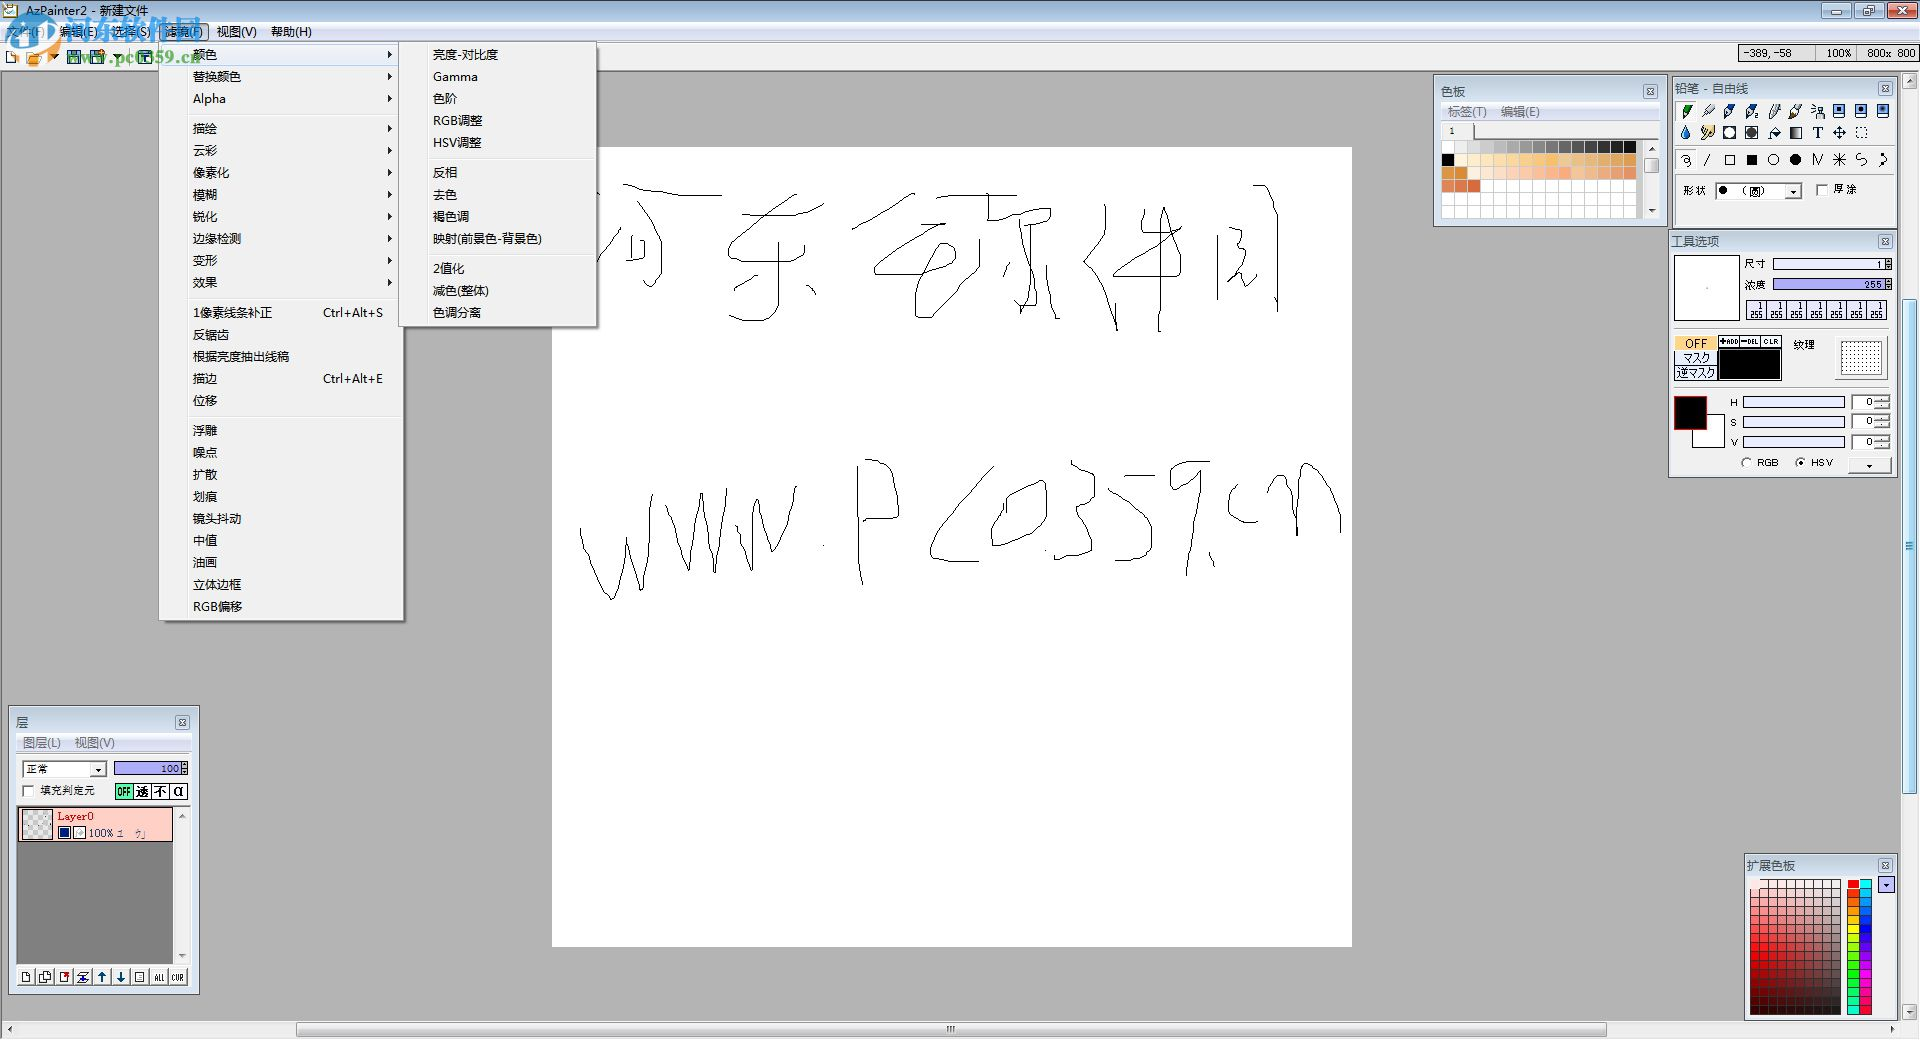 AzPainter2下载(简约绘图软件) 2.10 中文版